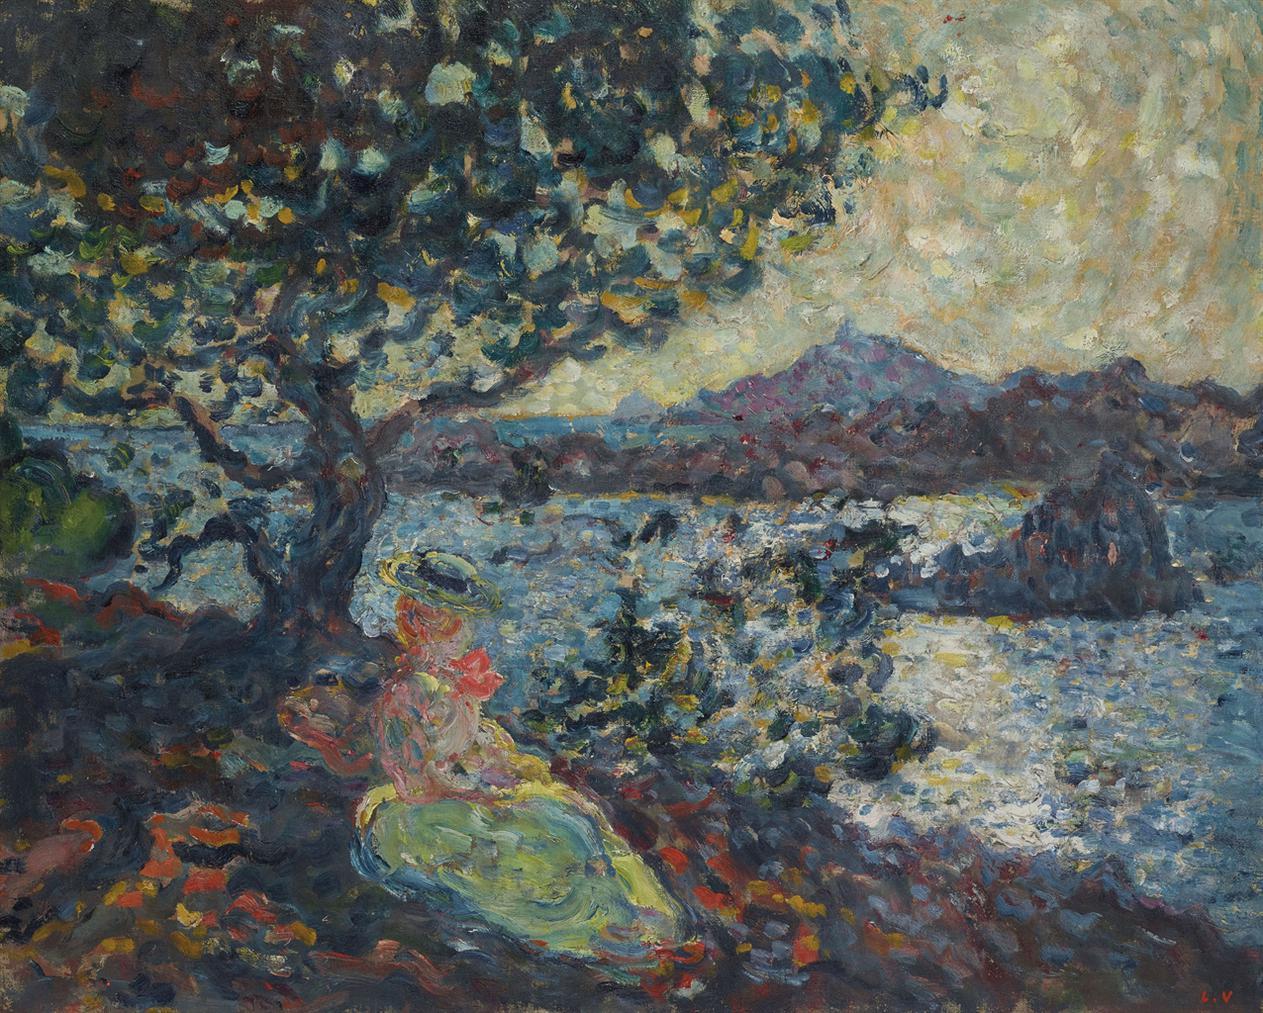 Louis Valtat-Femme Assise Au Bord De La Mer-1902